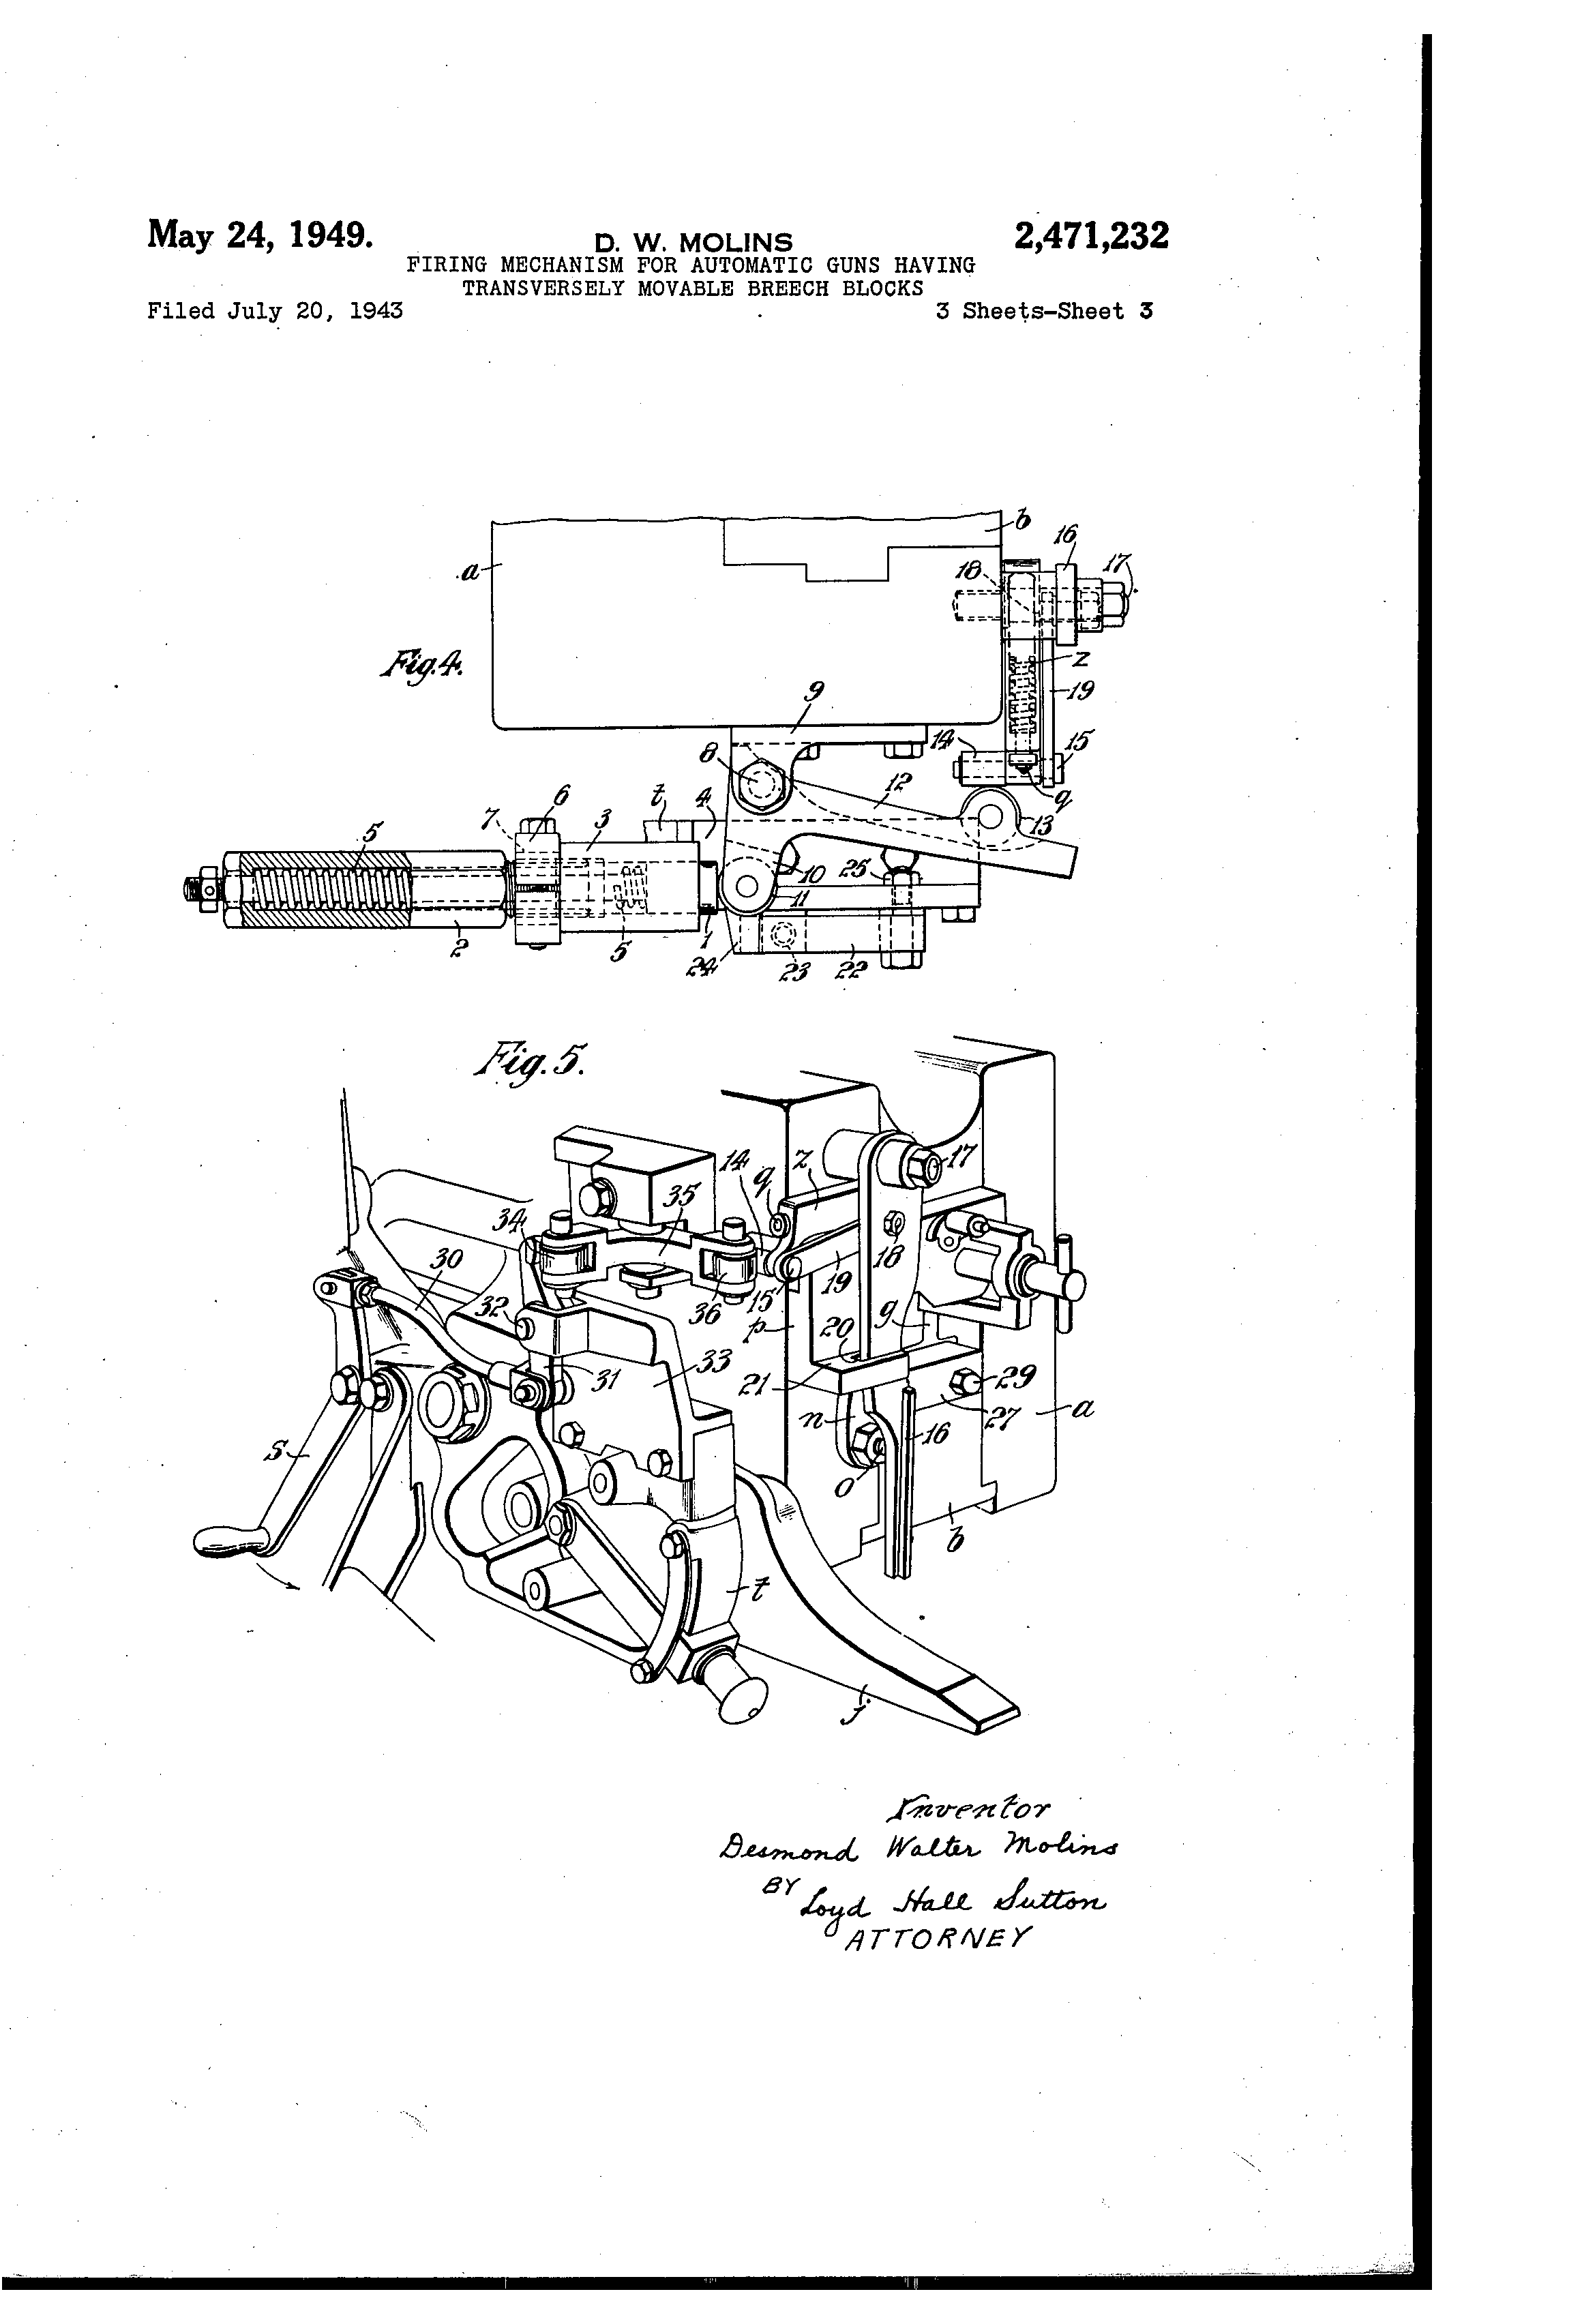 Firing Mechanisms For Guns : Patent us firing mechanism for automatic guns